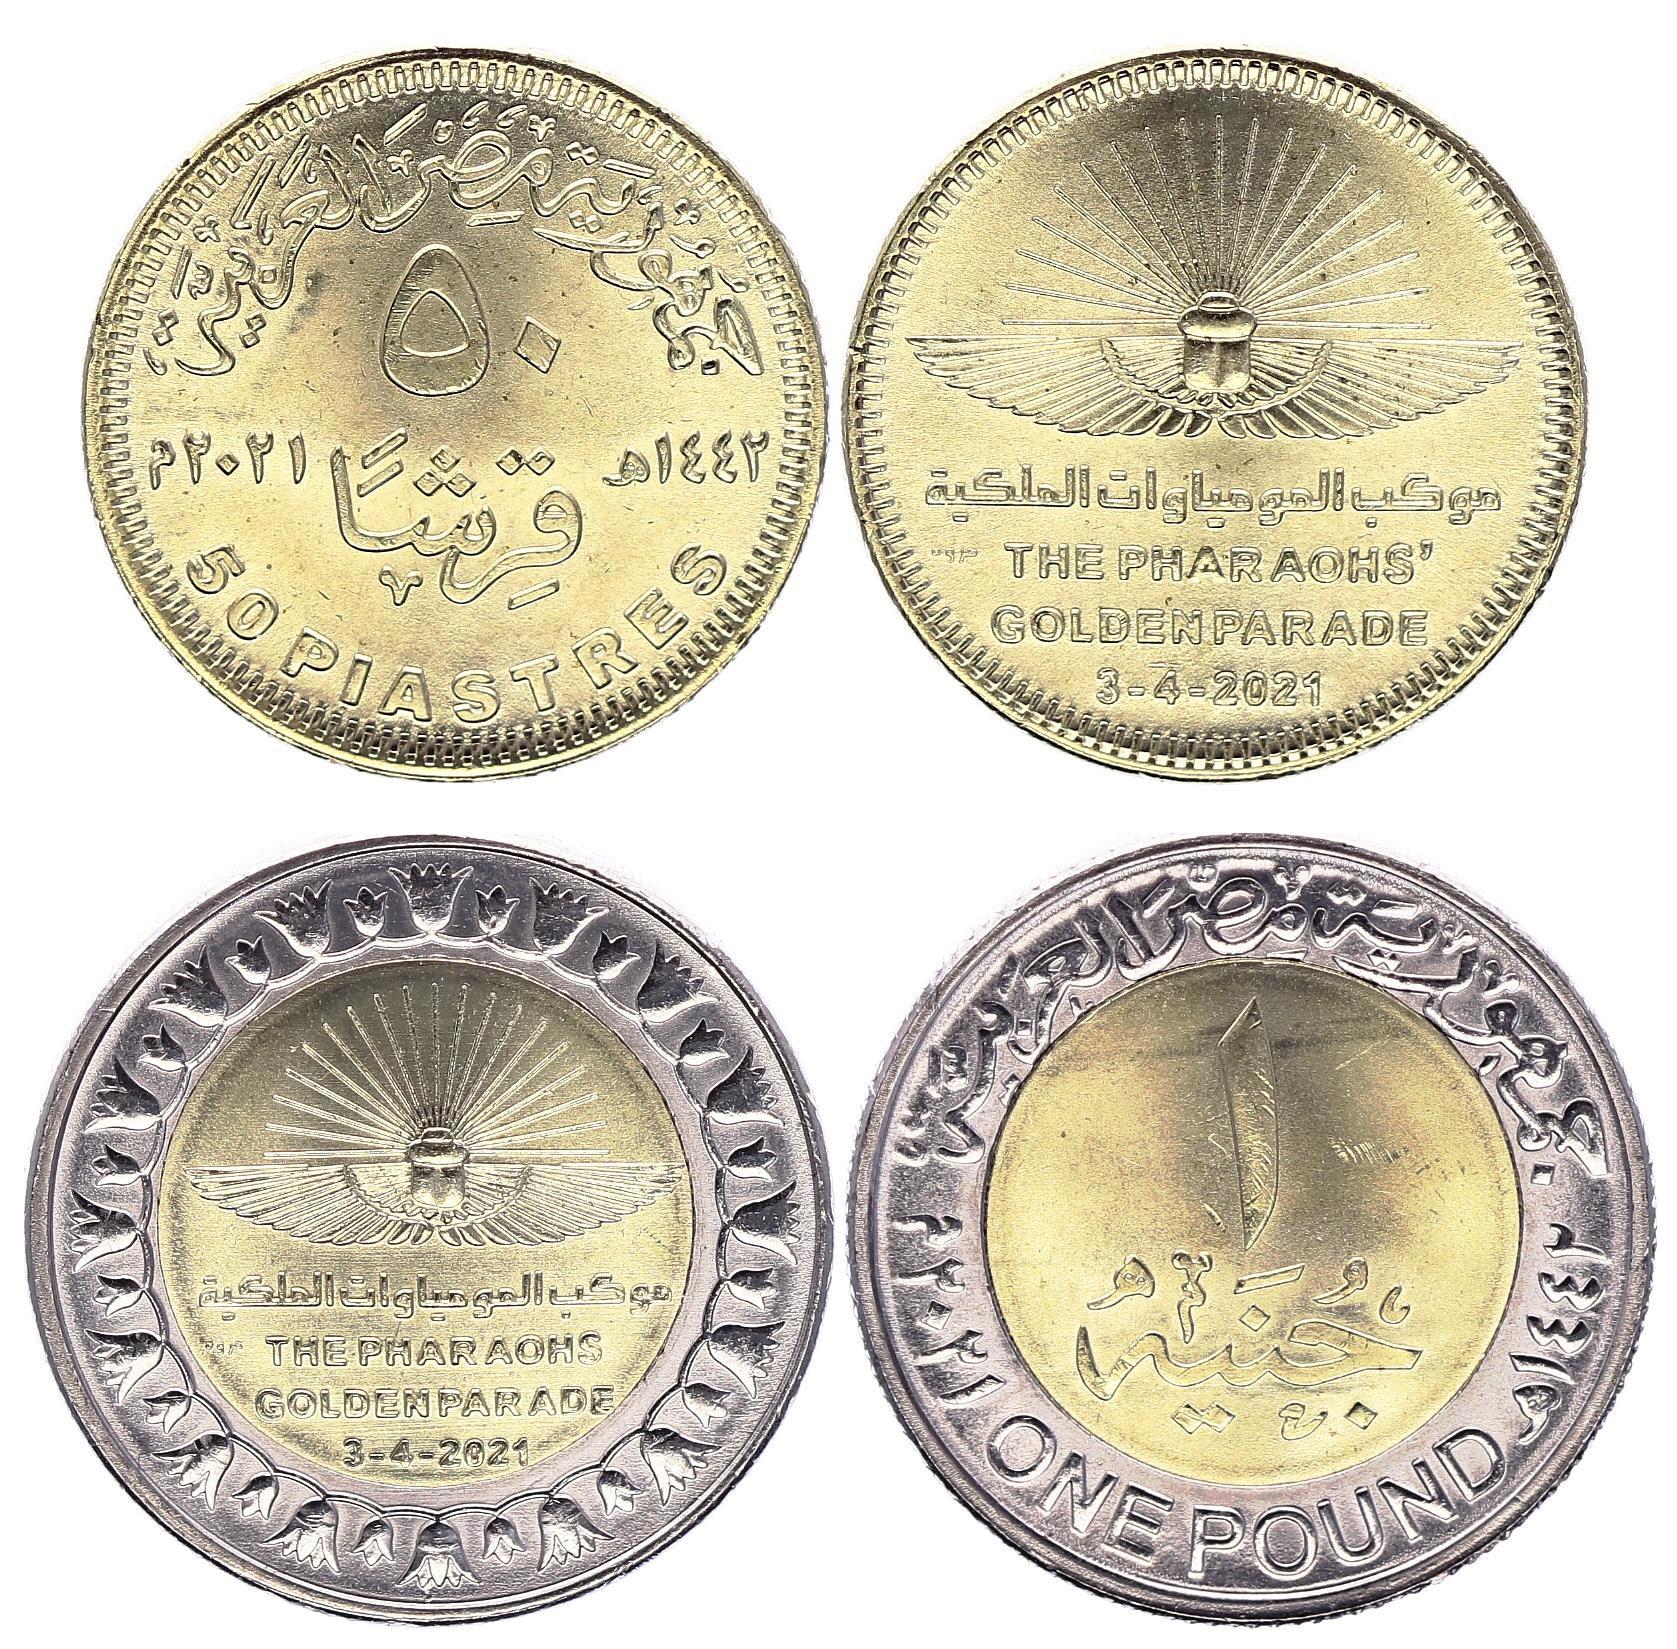 Egypte Série 2 monnaies 50 Piastres et 1 Livre Pharaons Golden Parade - 2021 Bimétal - SPL